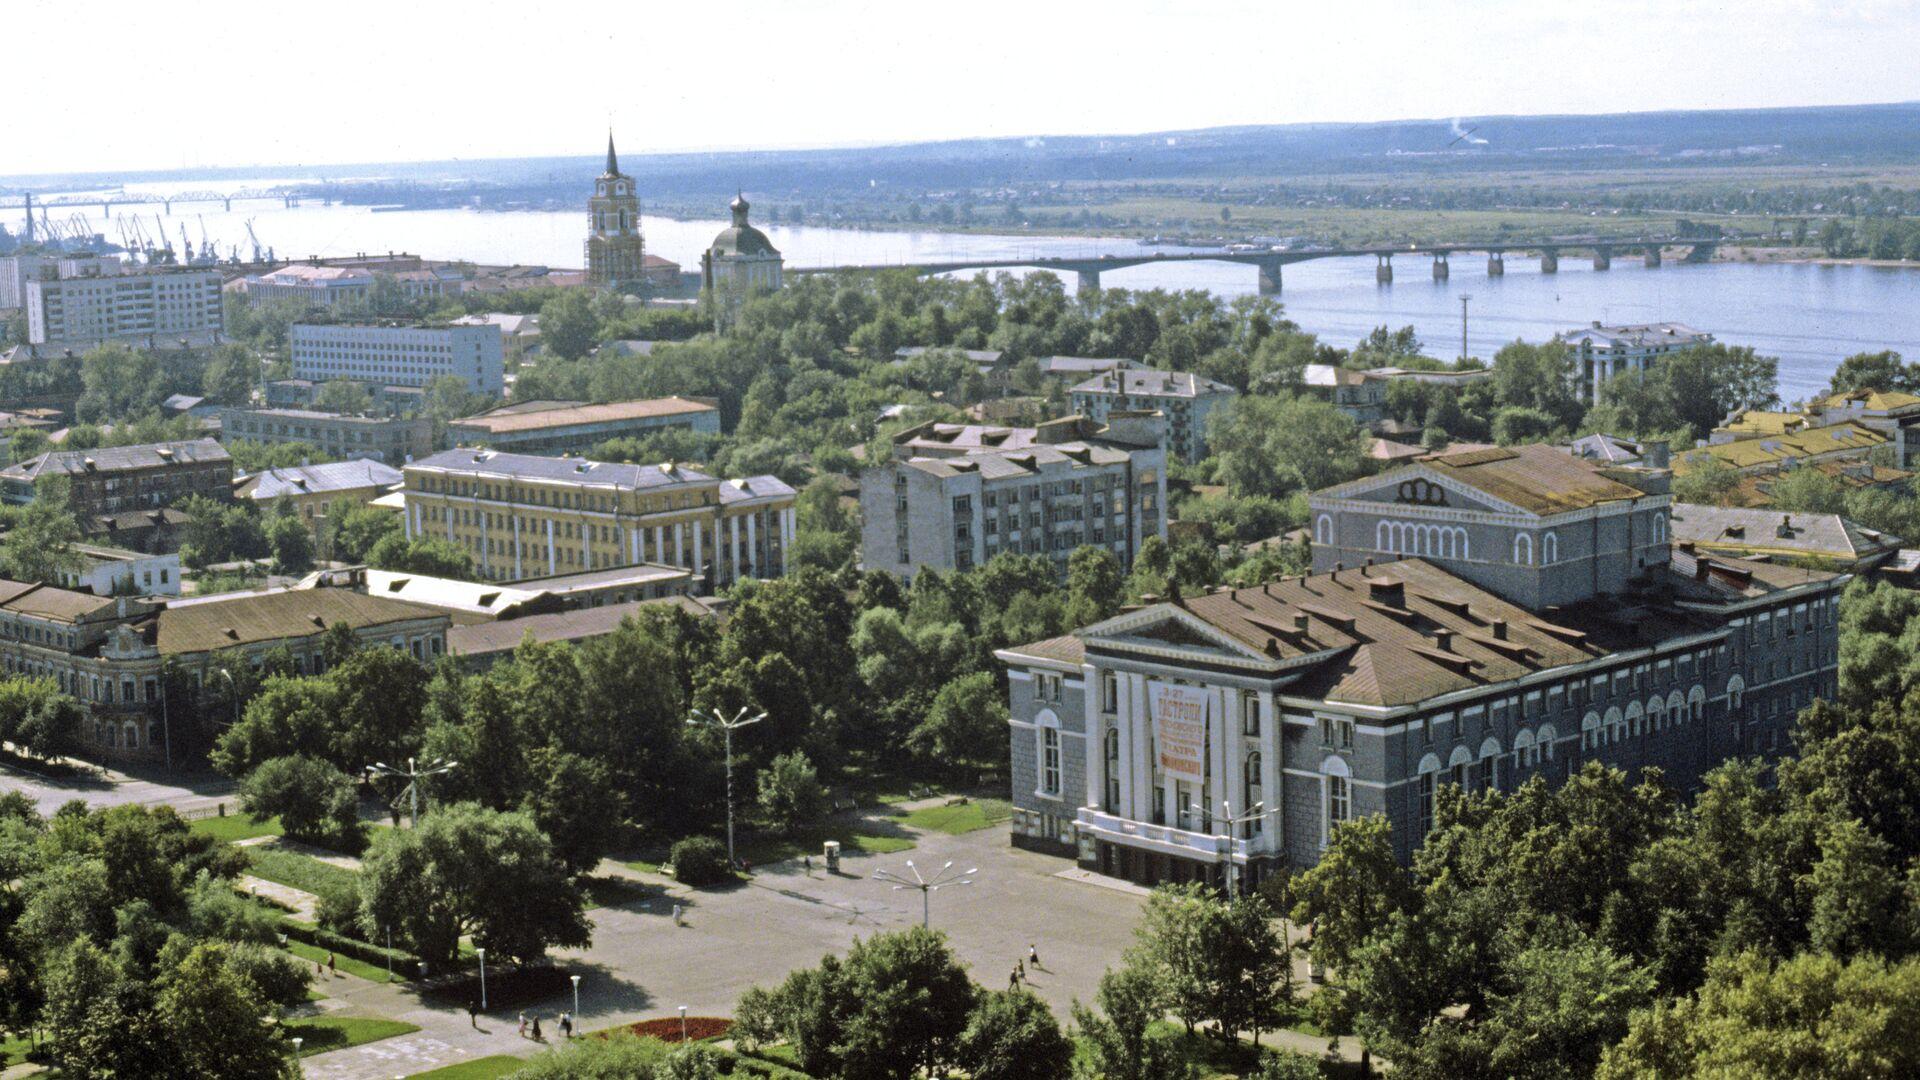 Вид на Пермский театр оперы и балета и на реку Каму - РИА Новости, 1920, 30.07.2021